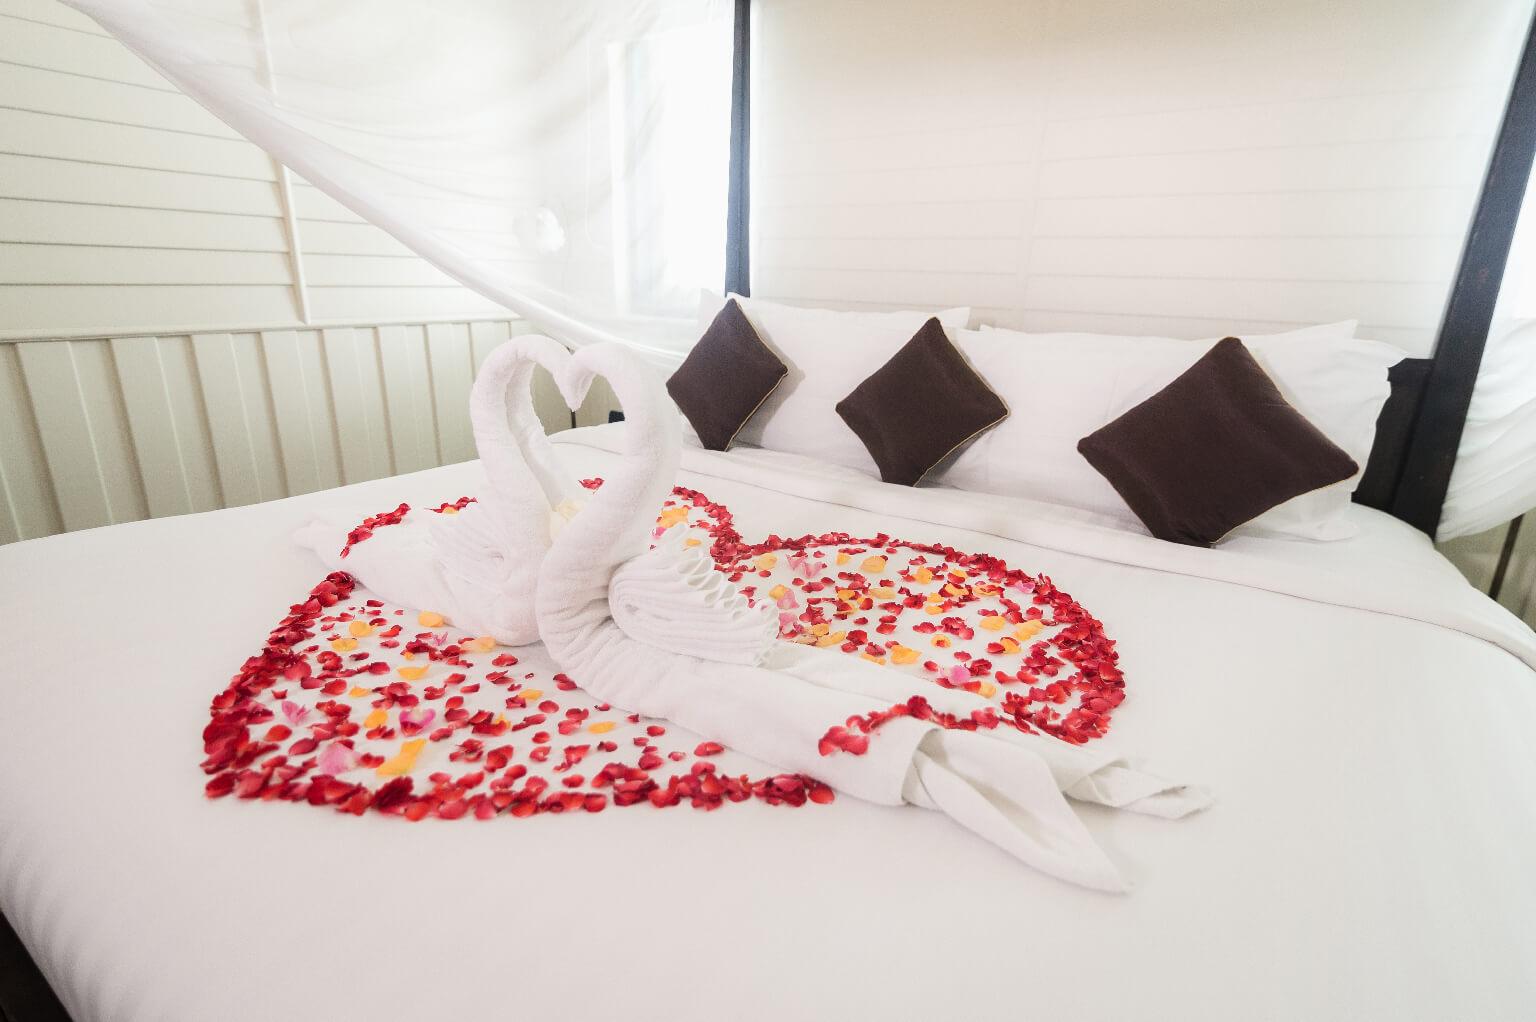 Cisnes hechos con toallas sobre una cama de lujo, esperan sorprender a una chica, con una de las formas más originales de pedir matrimonio.